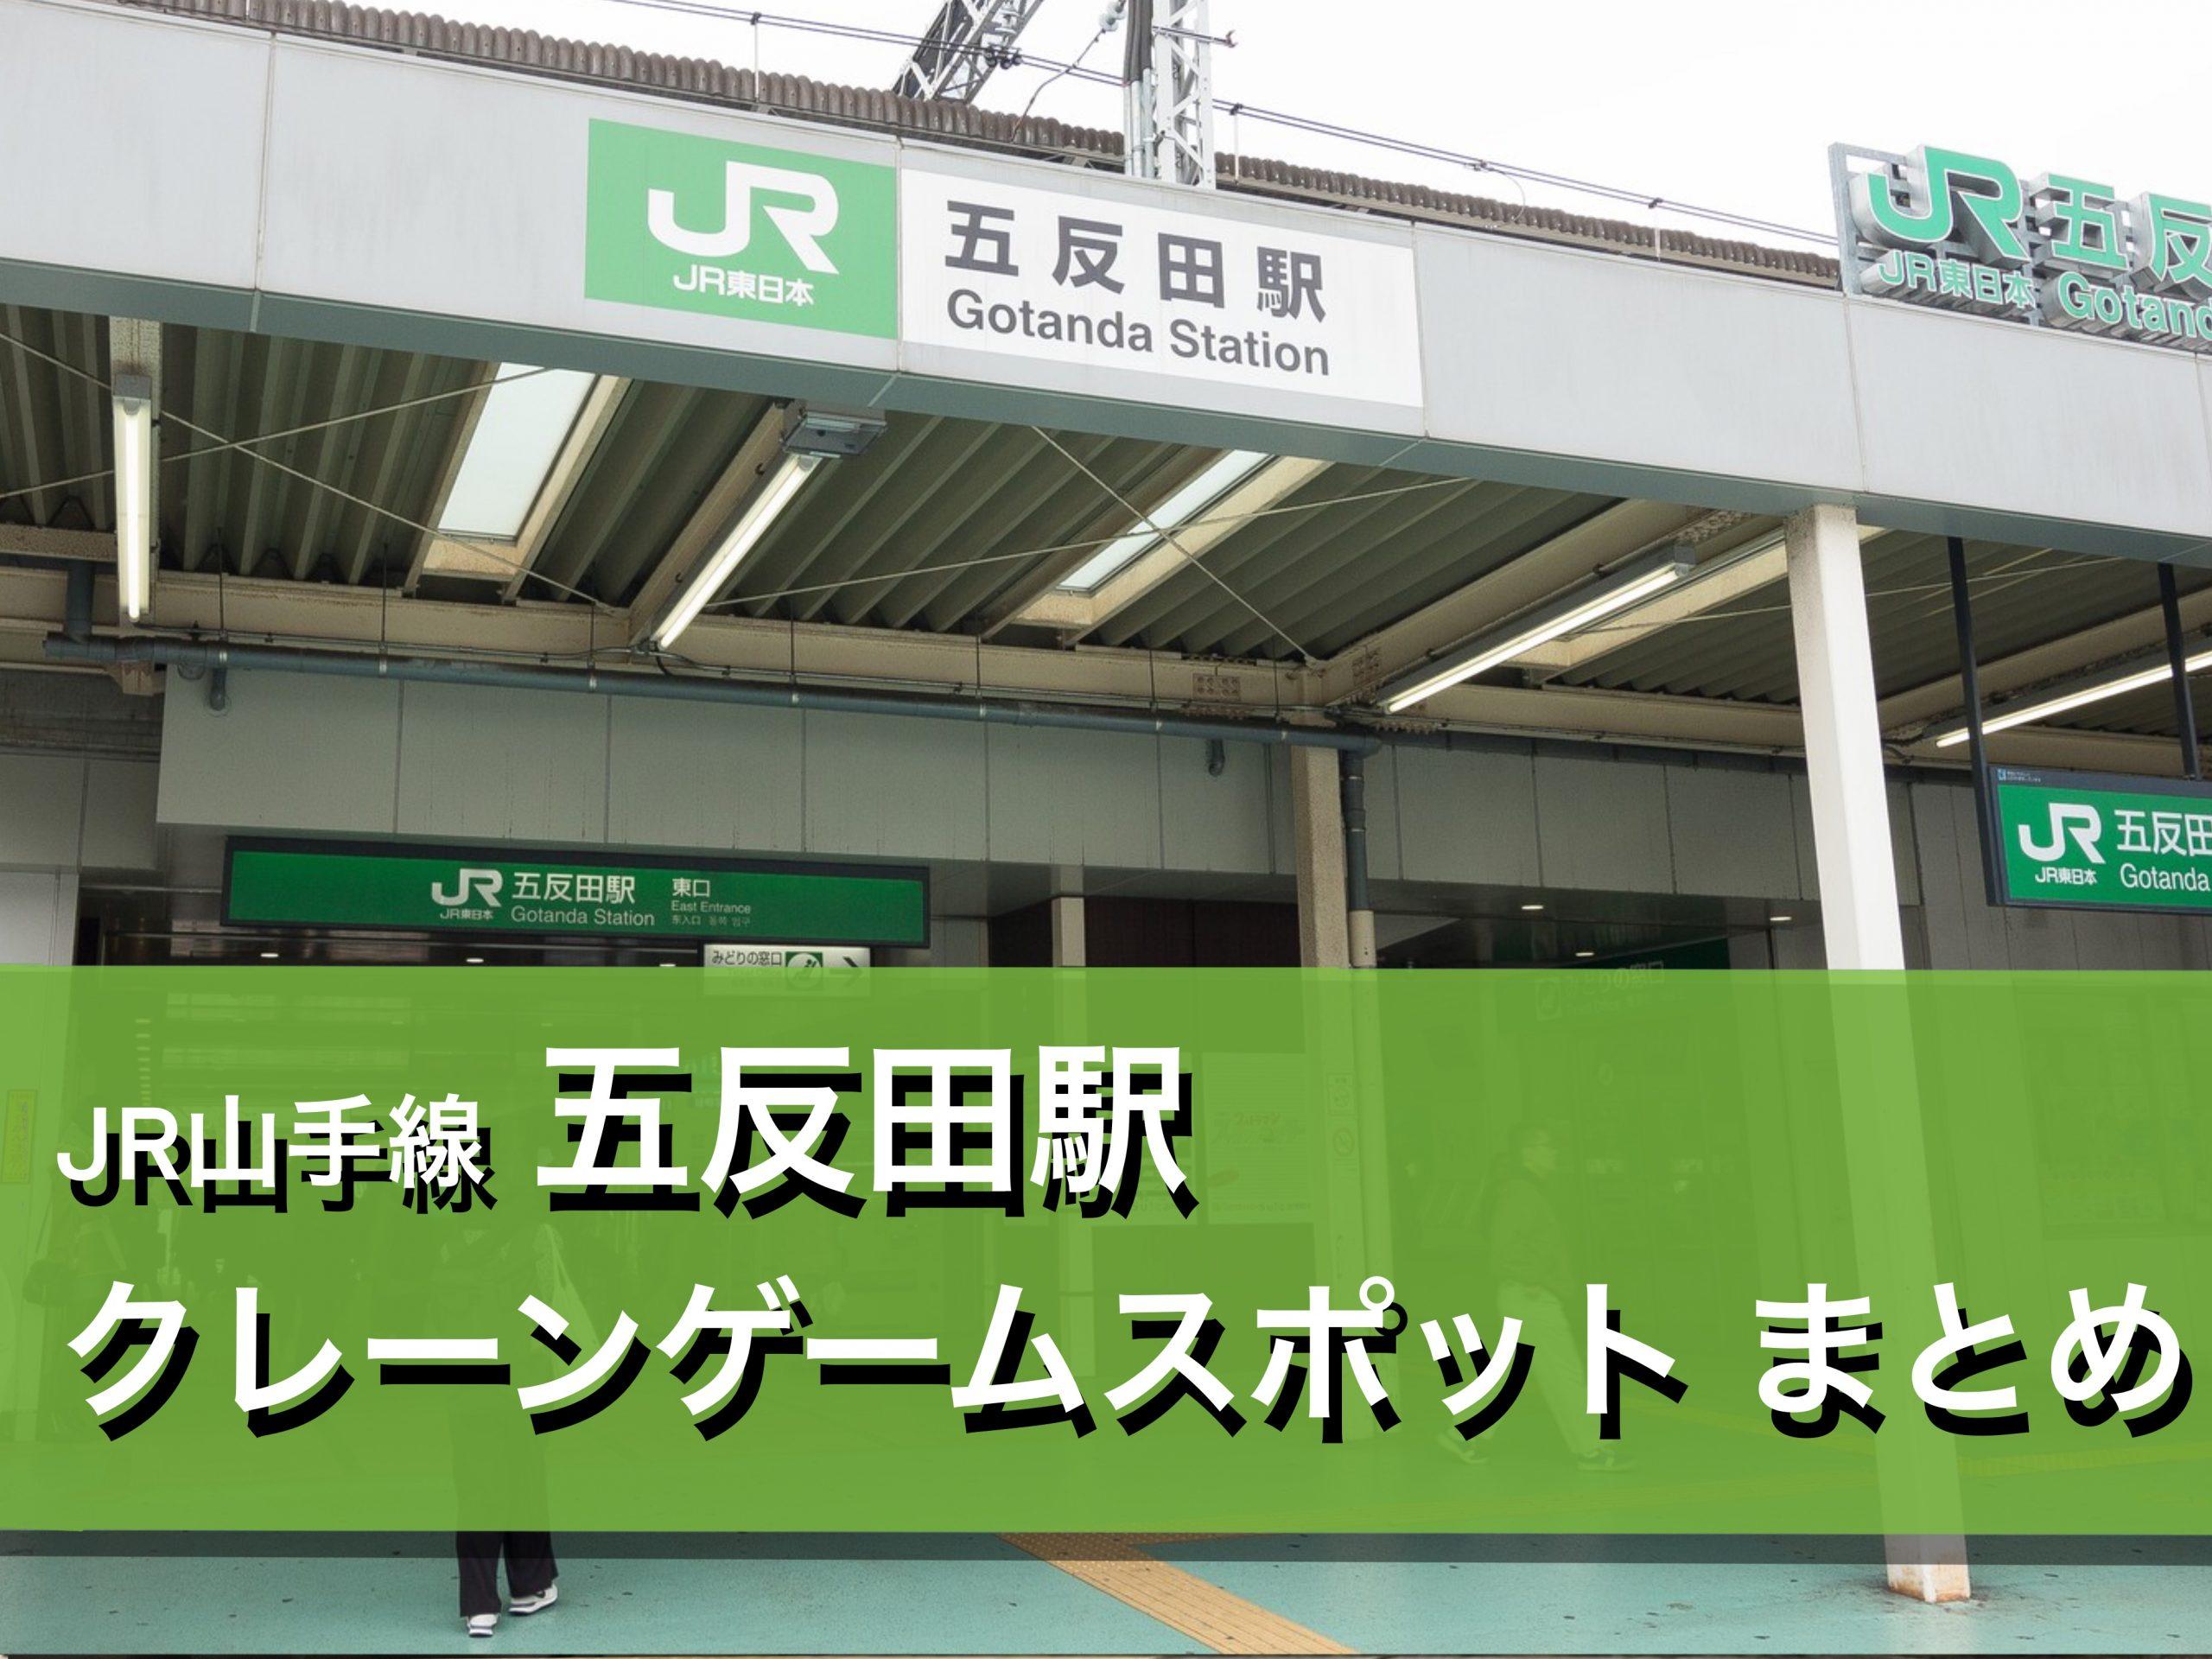 【五反田駅】クレーンゲームができる場所